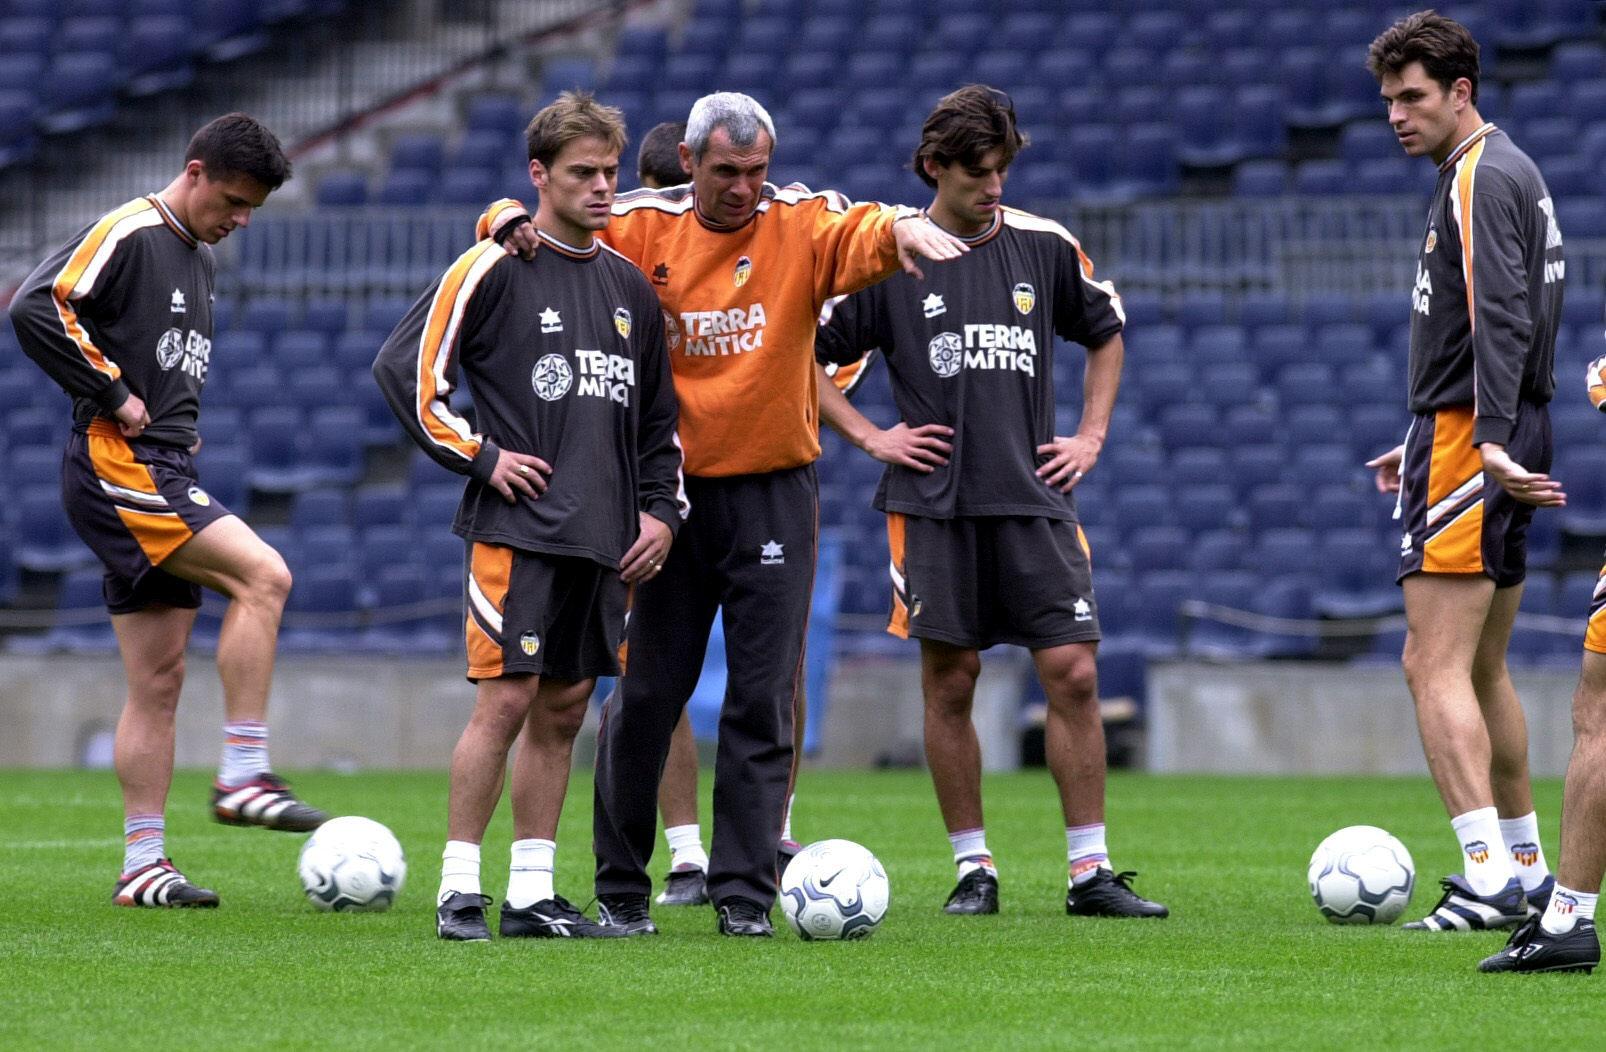 Farinós recibe instrucciones de Cúper en un entrenamiento del Valencia en el año 2000 (Archivo 20minutos).